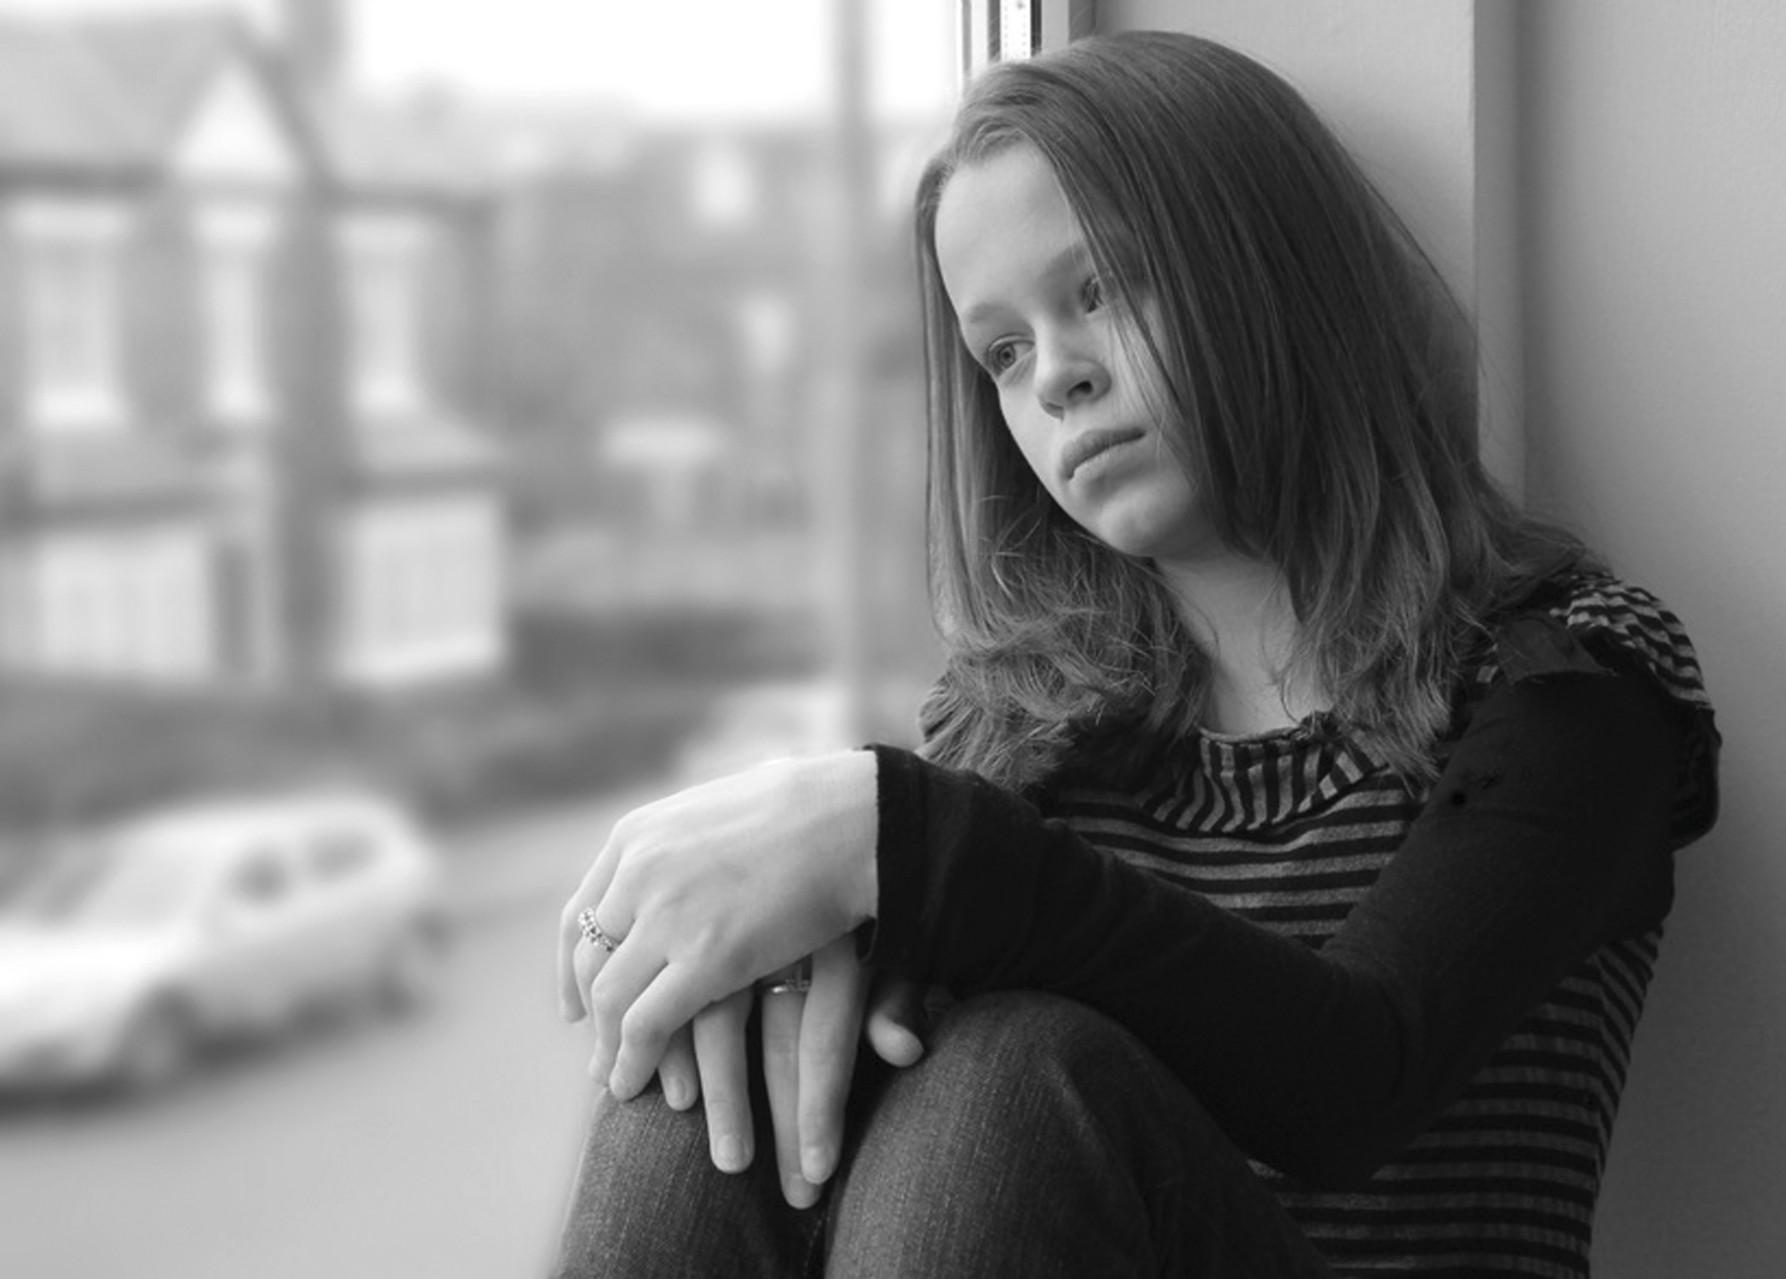 pour aider un adolescent qui est mal dans sa peau